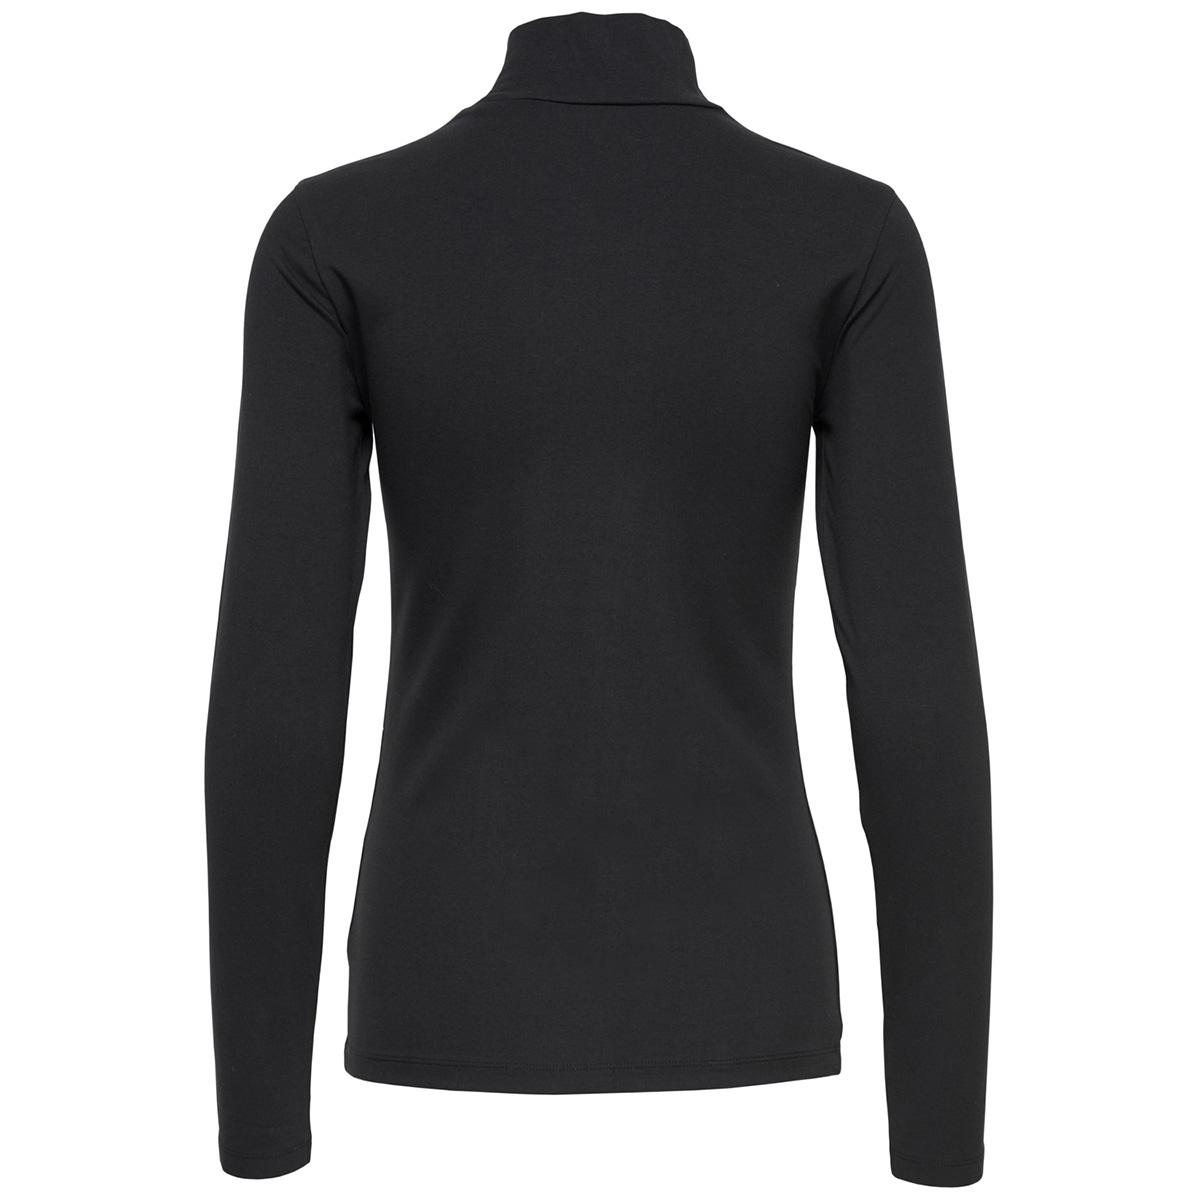 jdyava l/s turtleneck jrs 15165633 jacqueline de yong t-shirt black